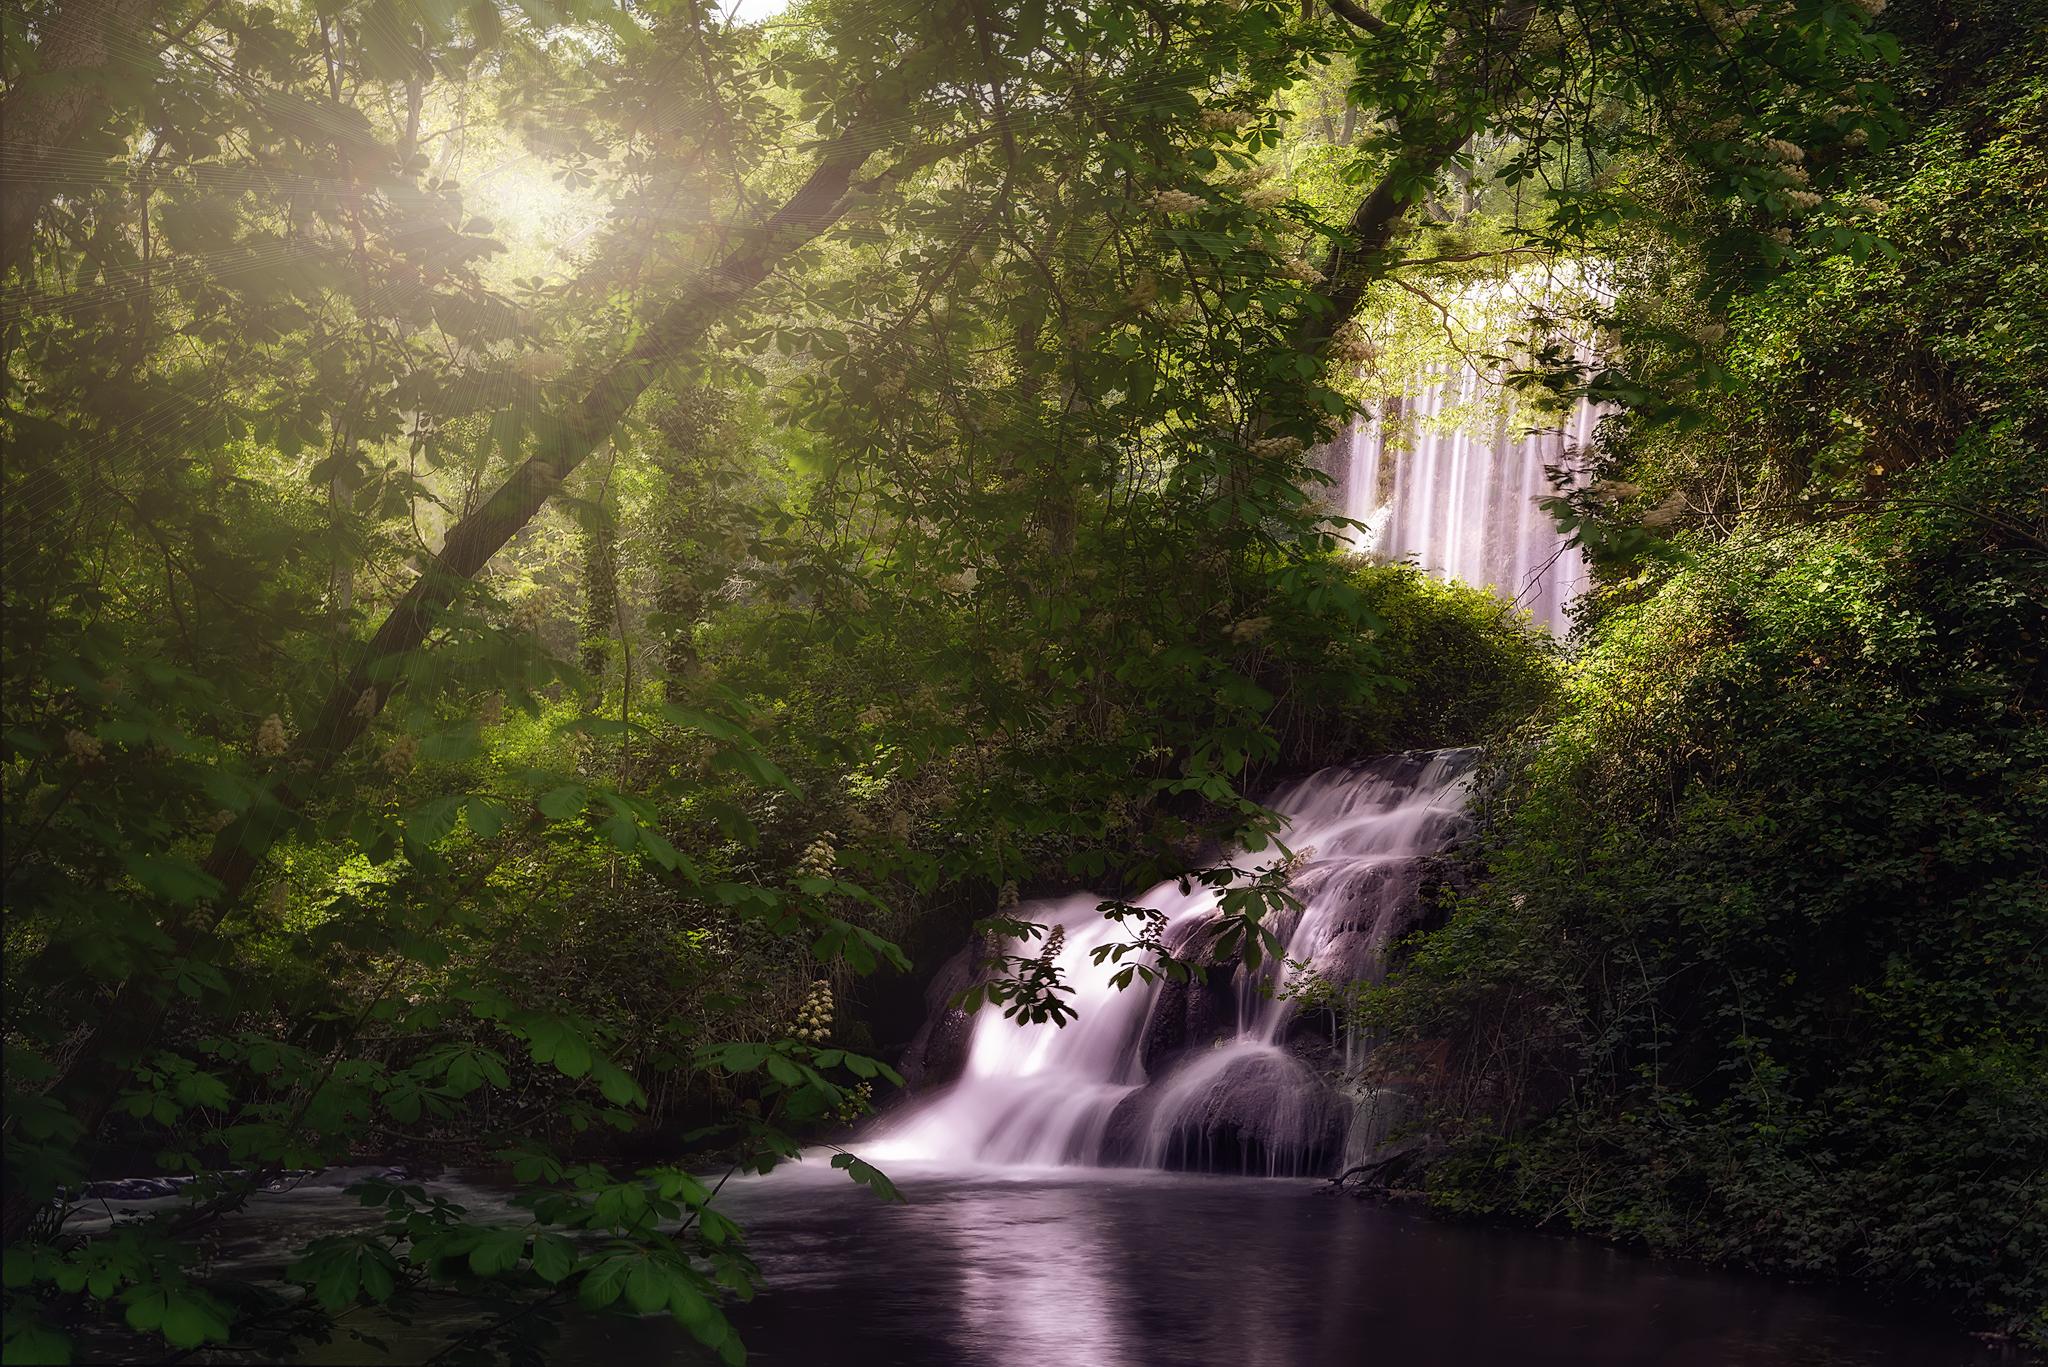 угрозы картинки леса с водопадом доступны сувенирных